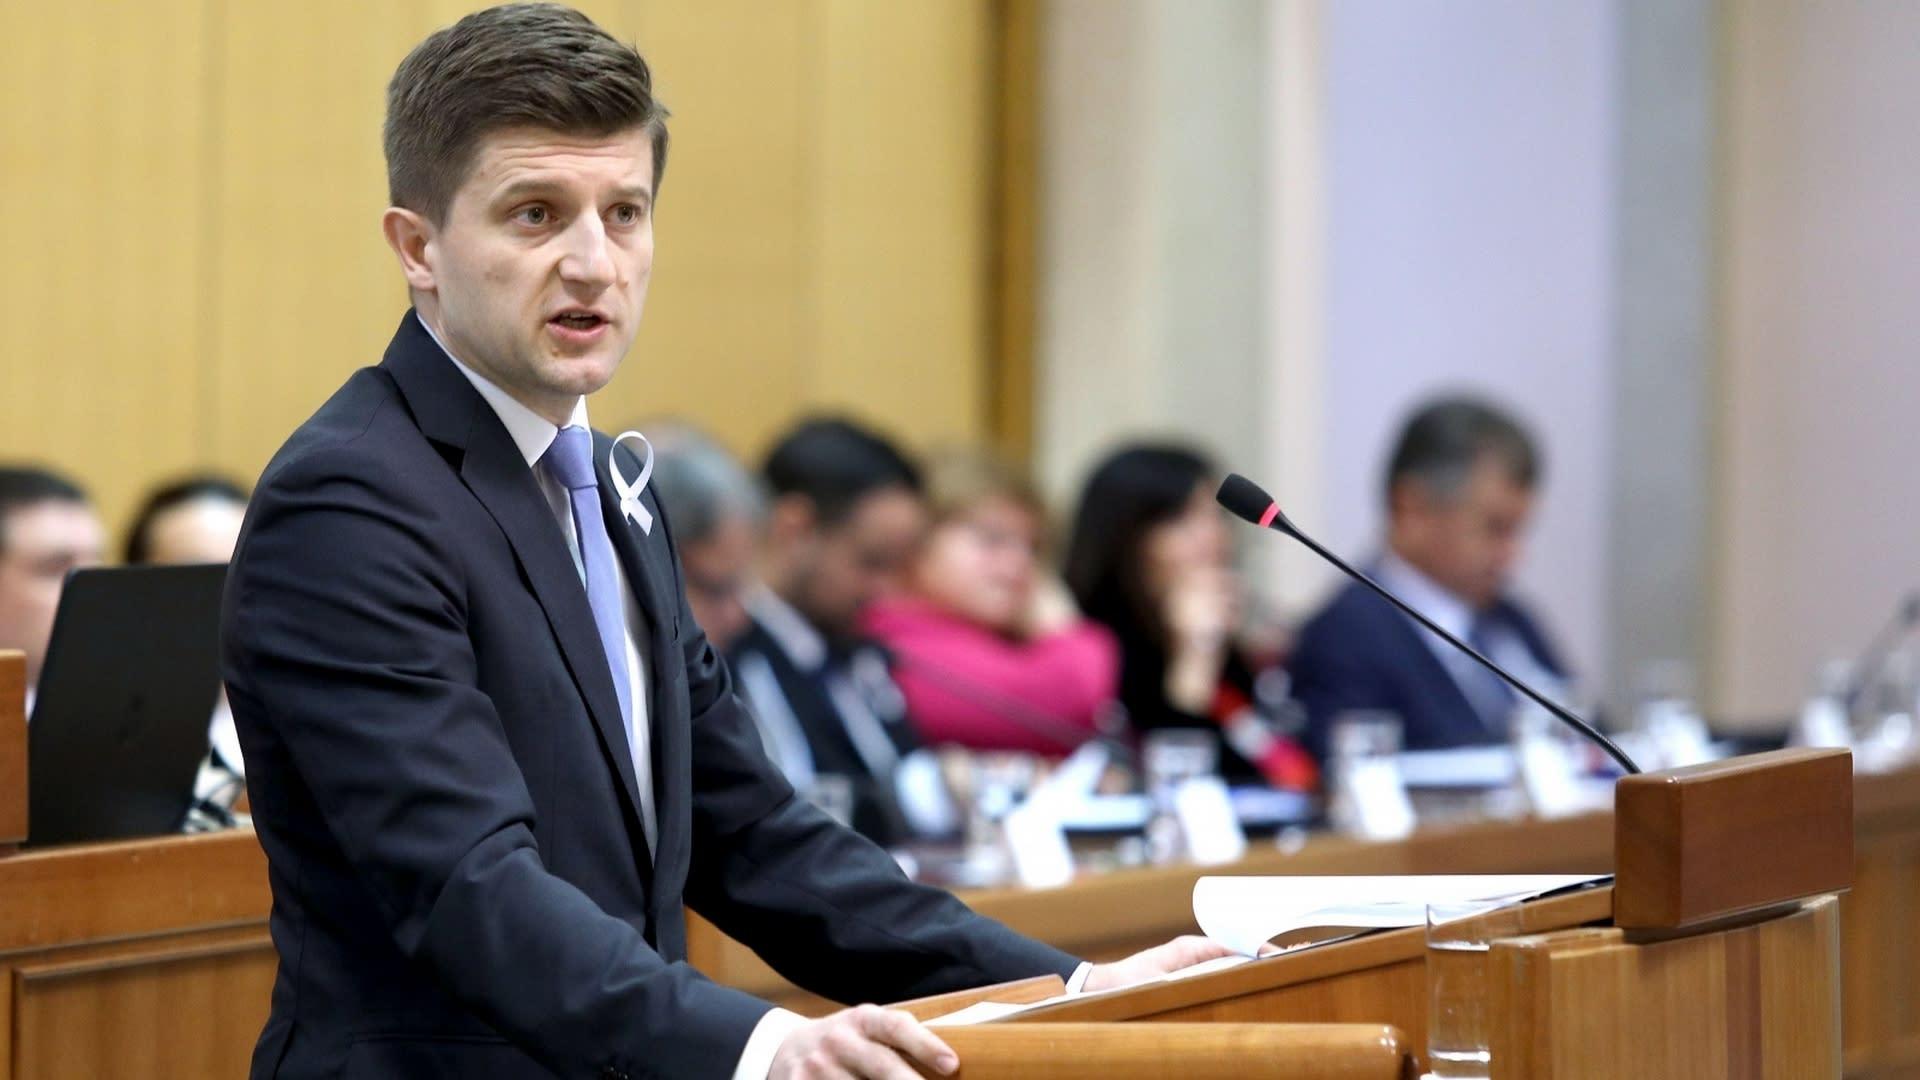 El ministro de Finanzas Zdravko Marić. (Foto: Patrik Macek/PIXSELL)